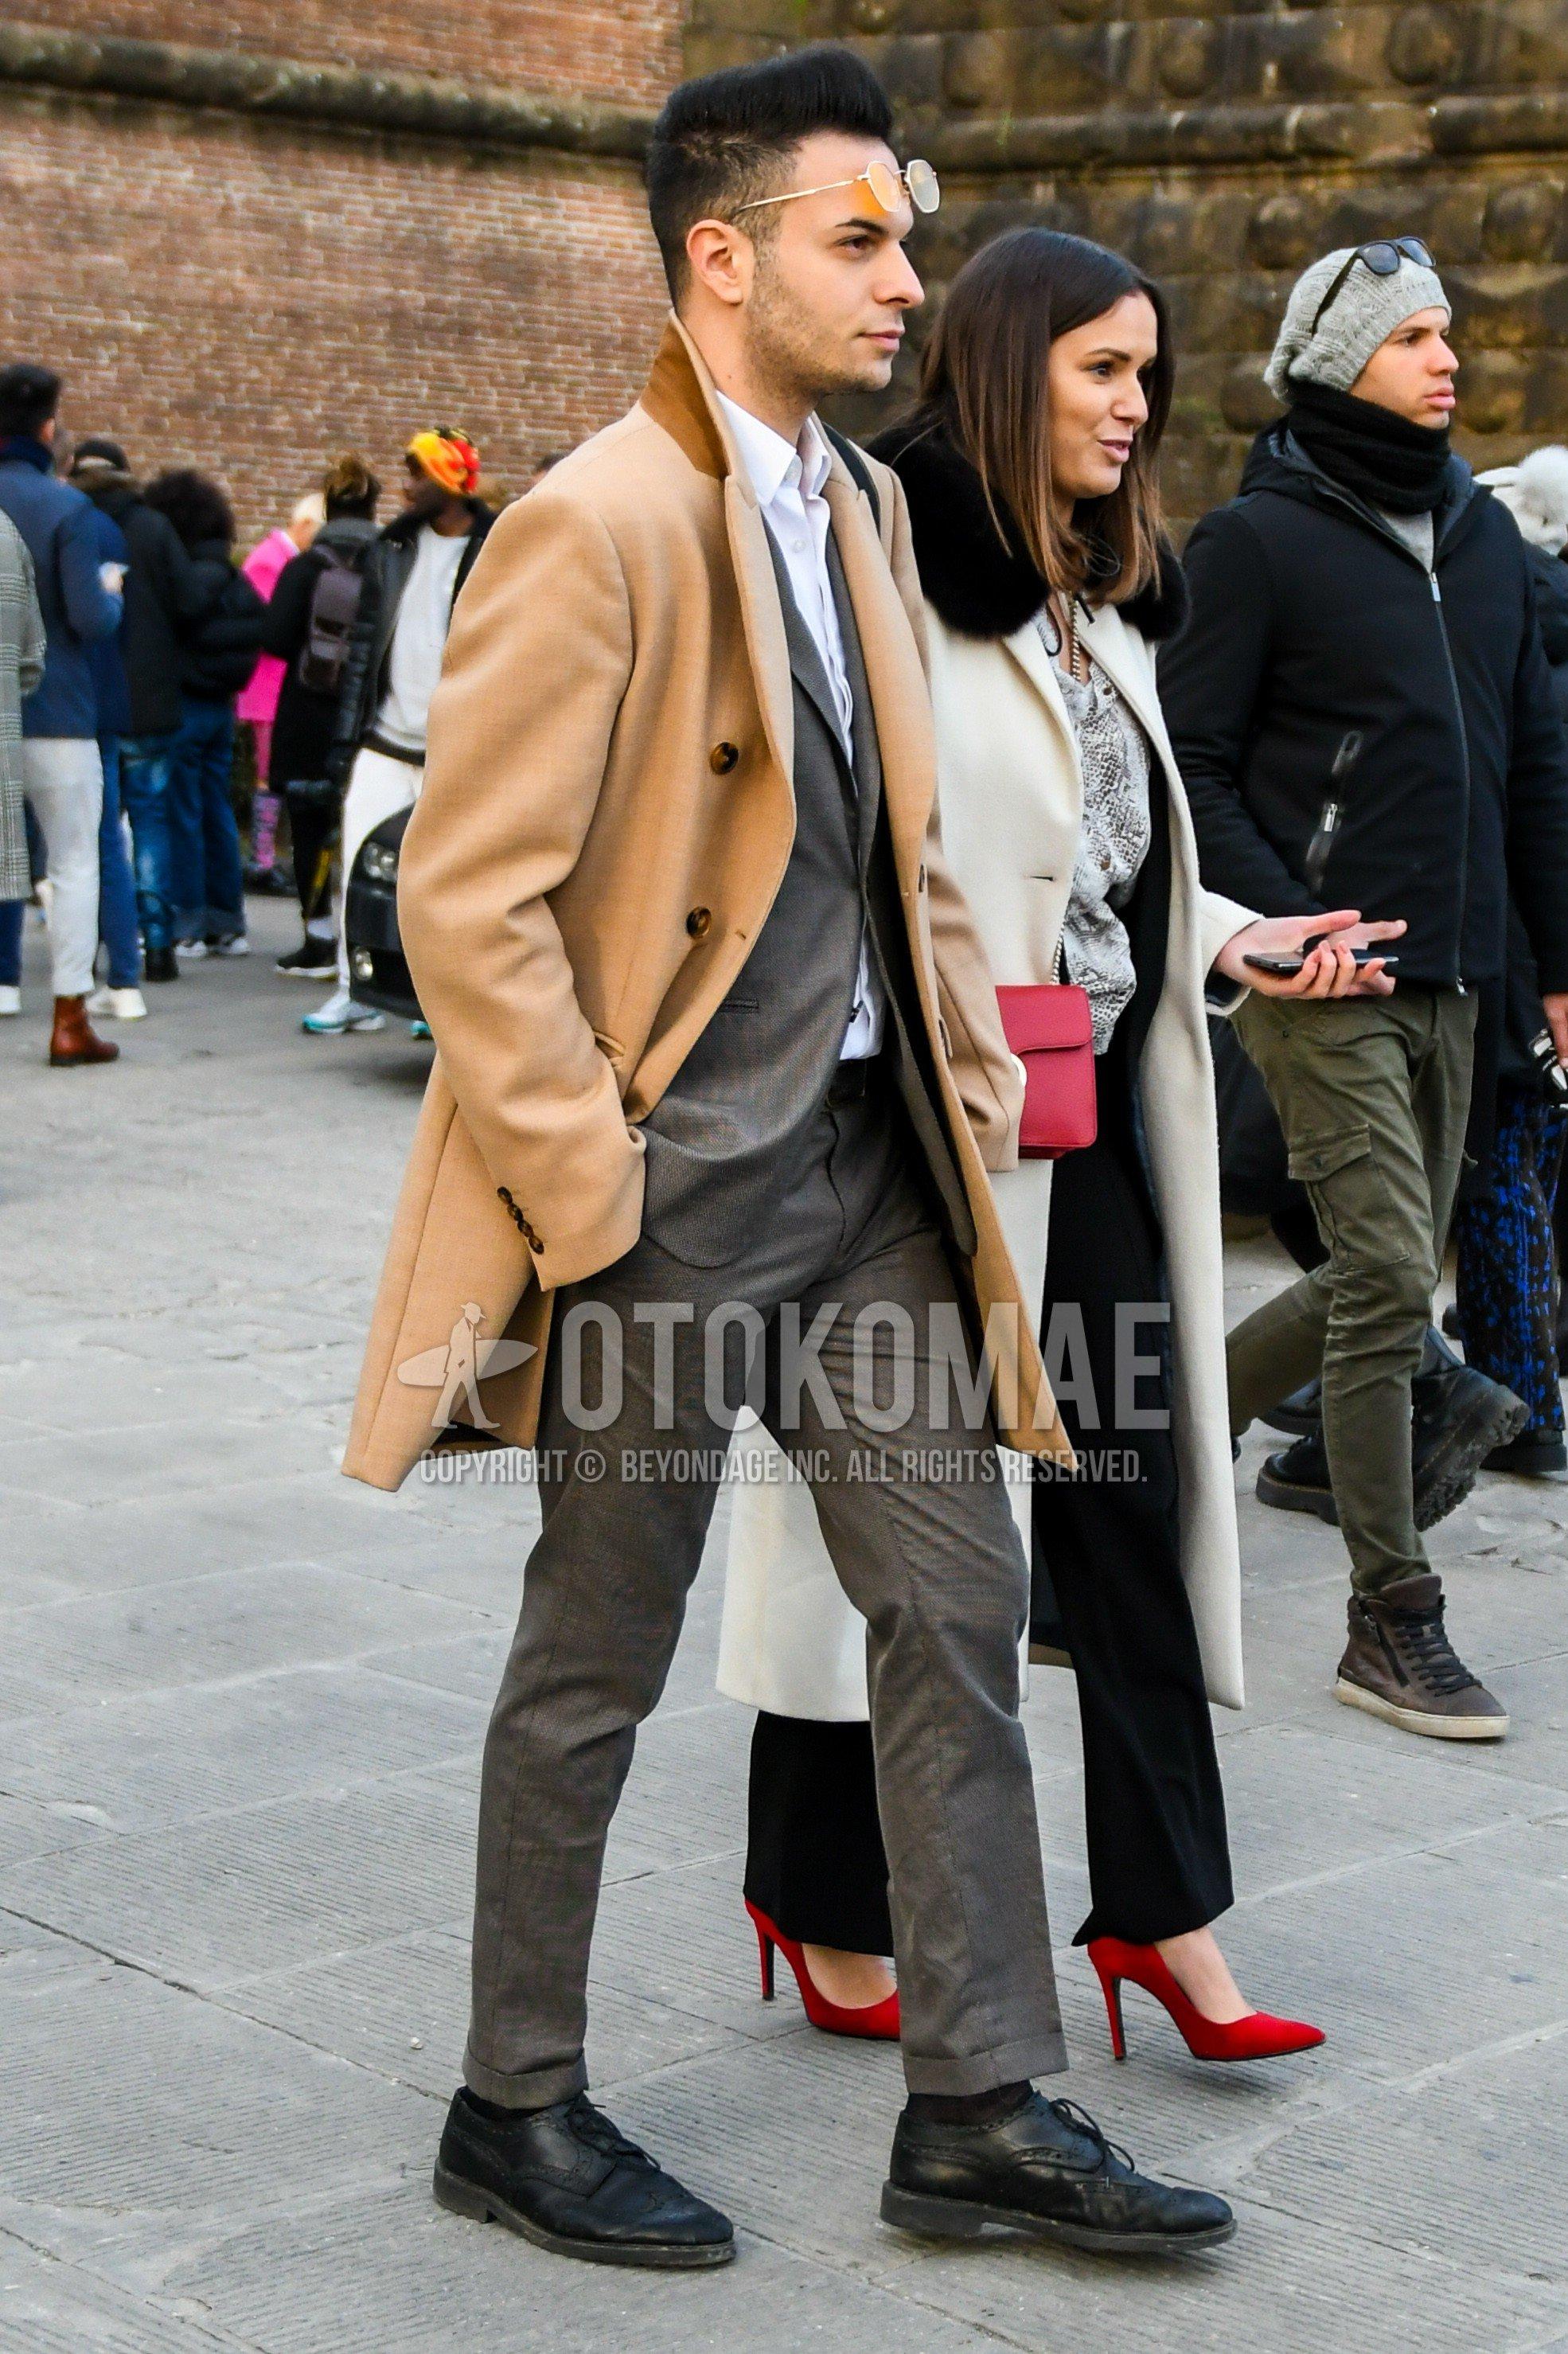 ブラウン無地のチェスターコート、白無地のシャツ、ダークグレー無地のソックス、黒ブローグシューズの革靴、グレー無地のスーツを合わせた冬のメンズコーデ・着こなし。